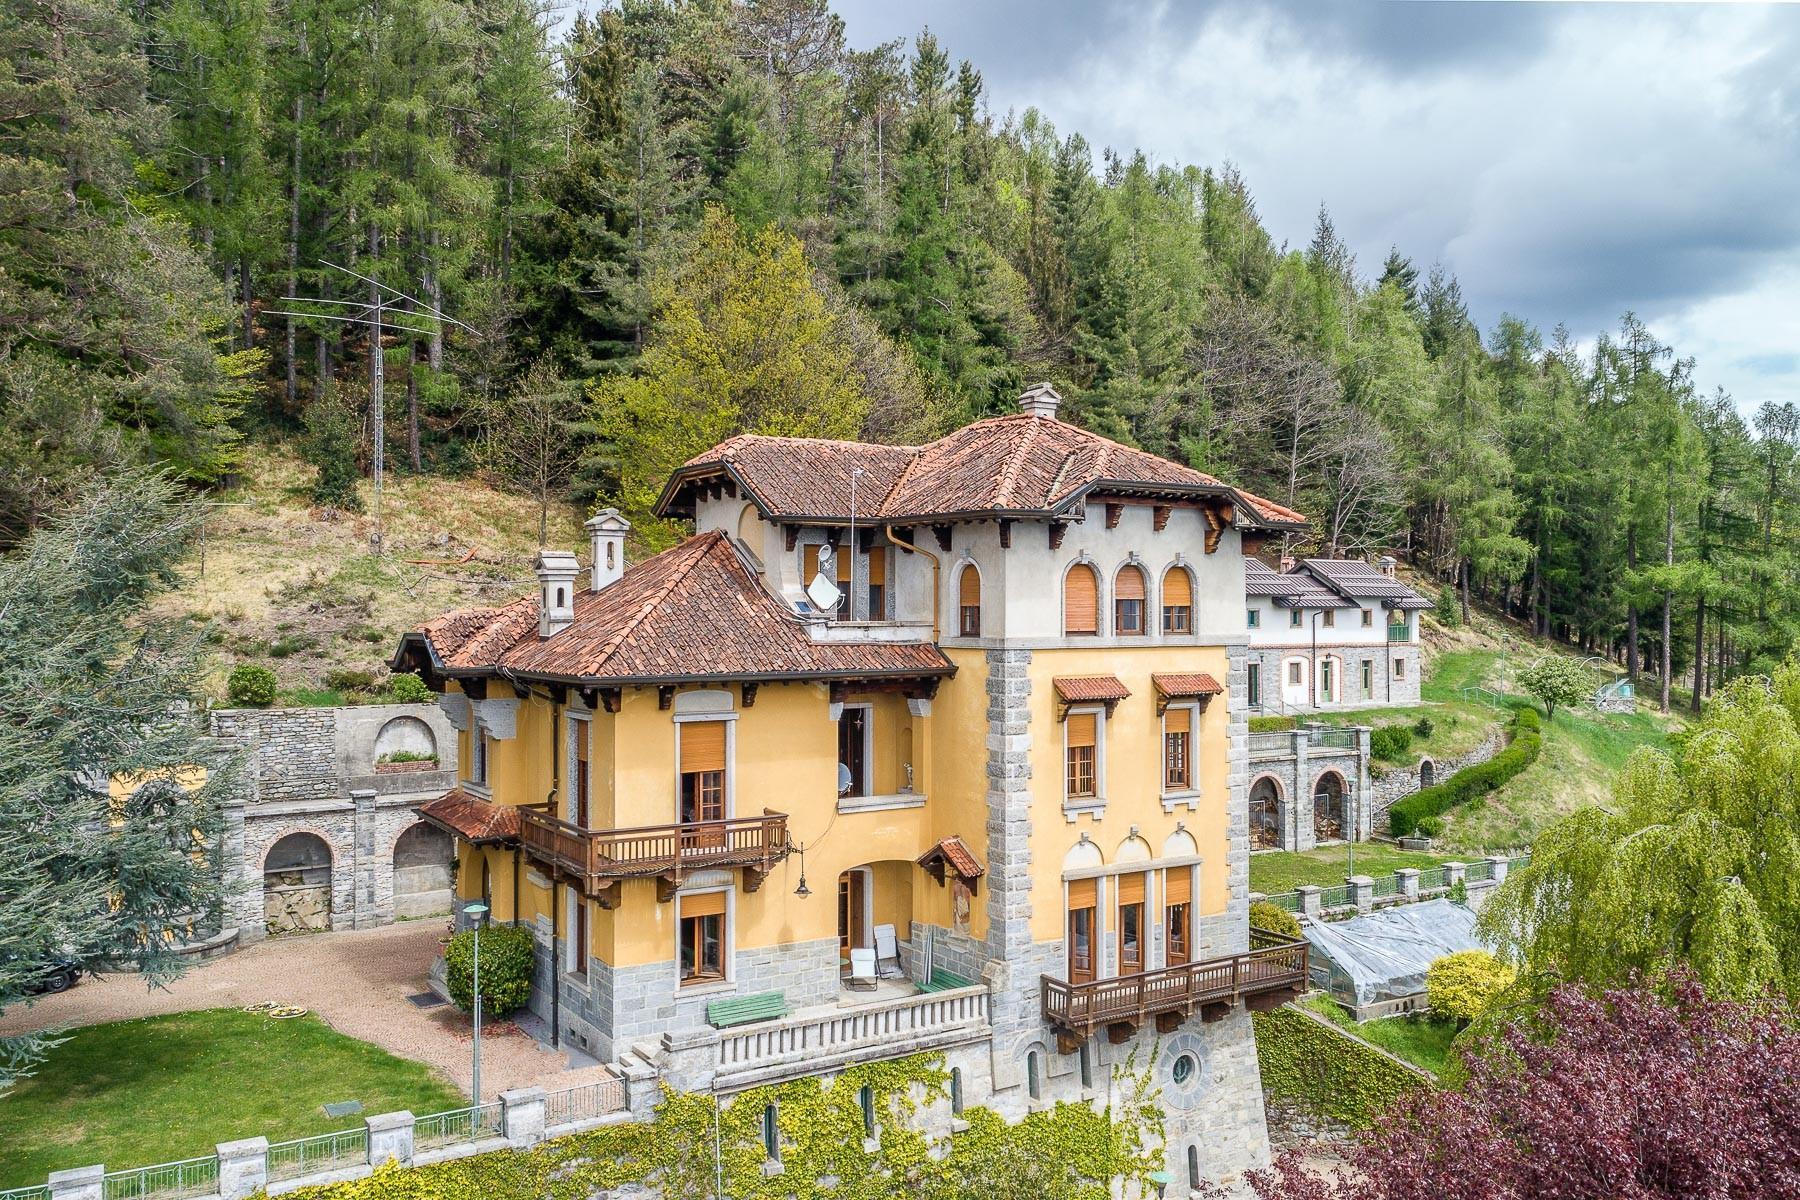 Villa historique dans un parc centenaire sur lac Majeur - 10